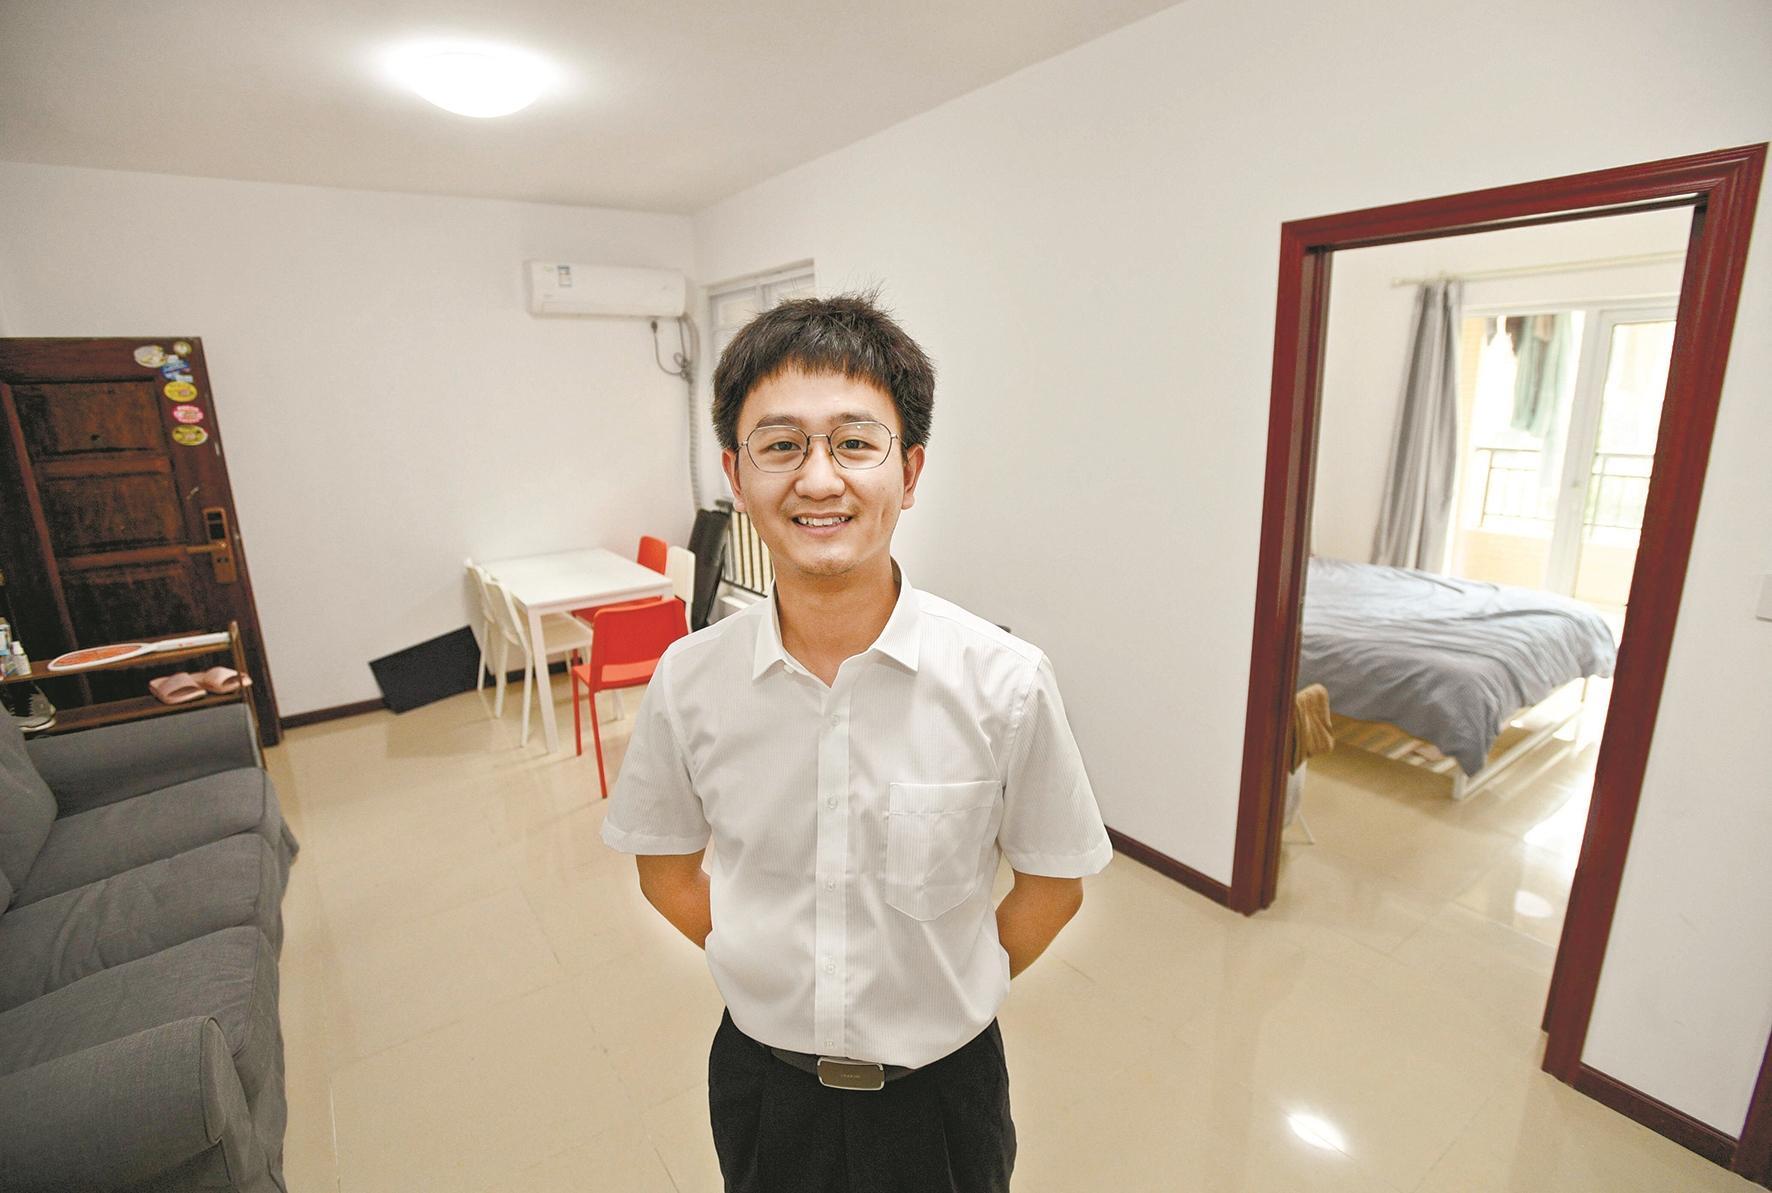 青山区发布多条人才政策落户就业大学生可获租房补贴